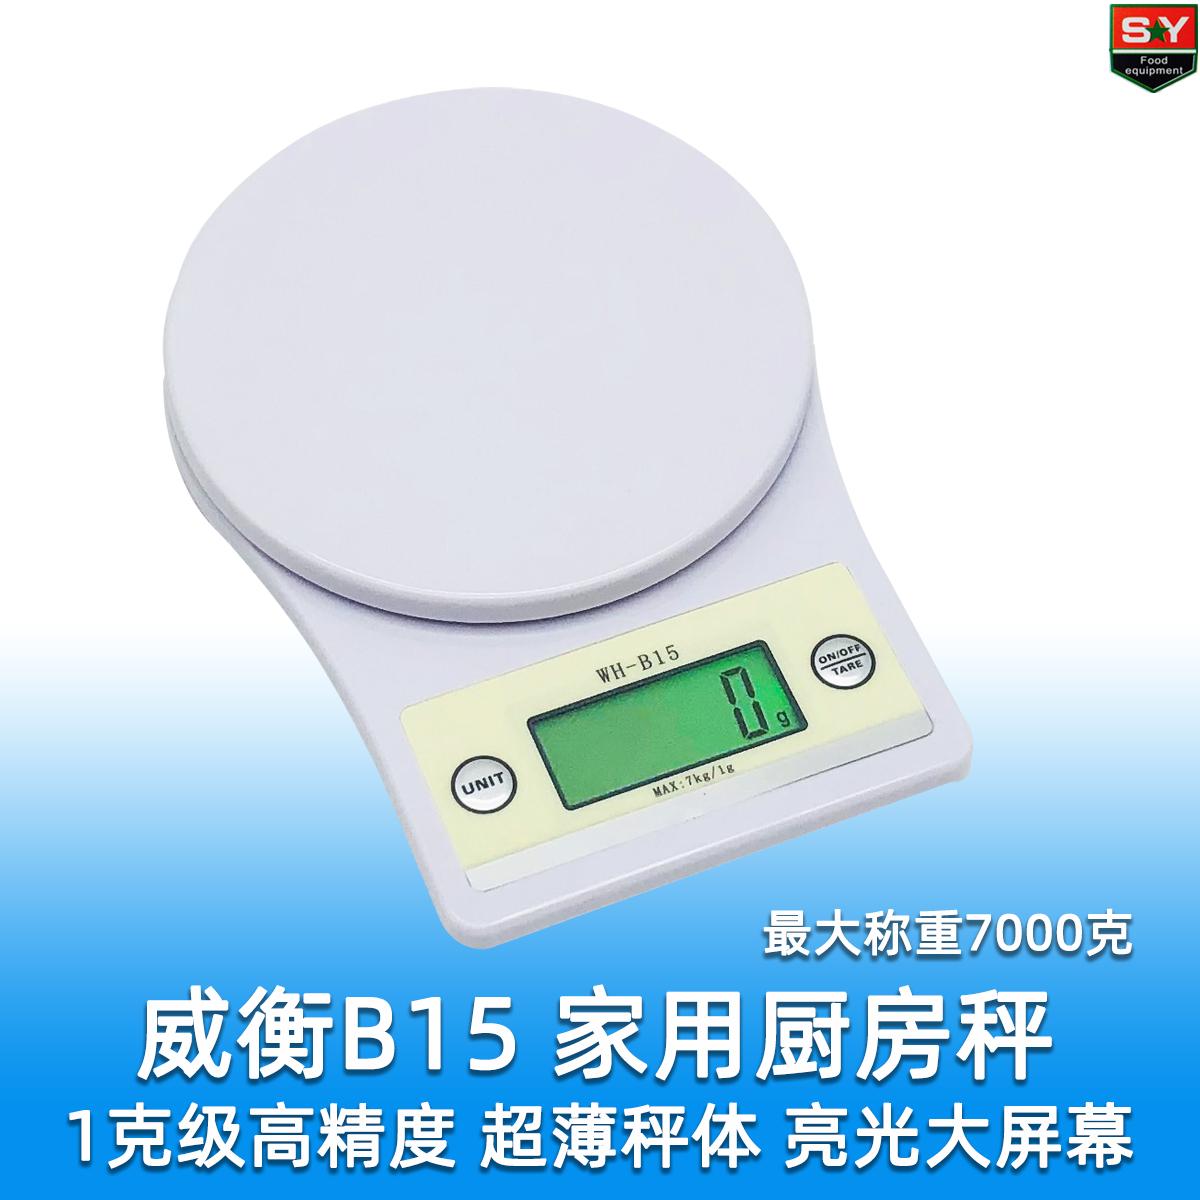 包邮威衡B15家用厨房秤烘焙称 轻巧超薄机身 7000克承重1克高精度